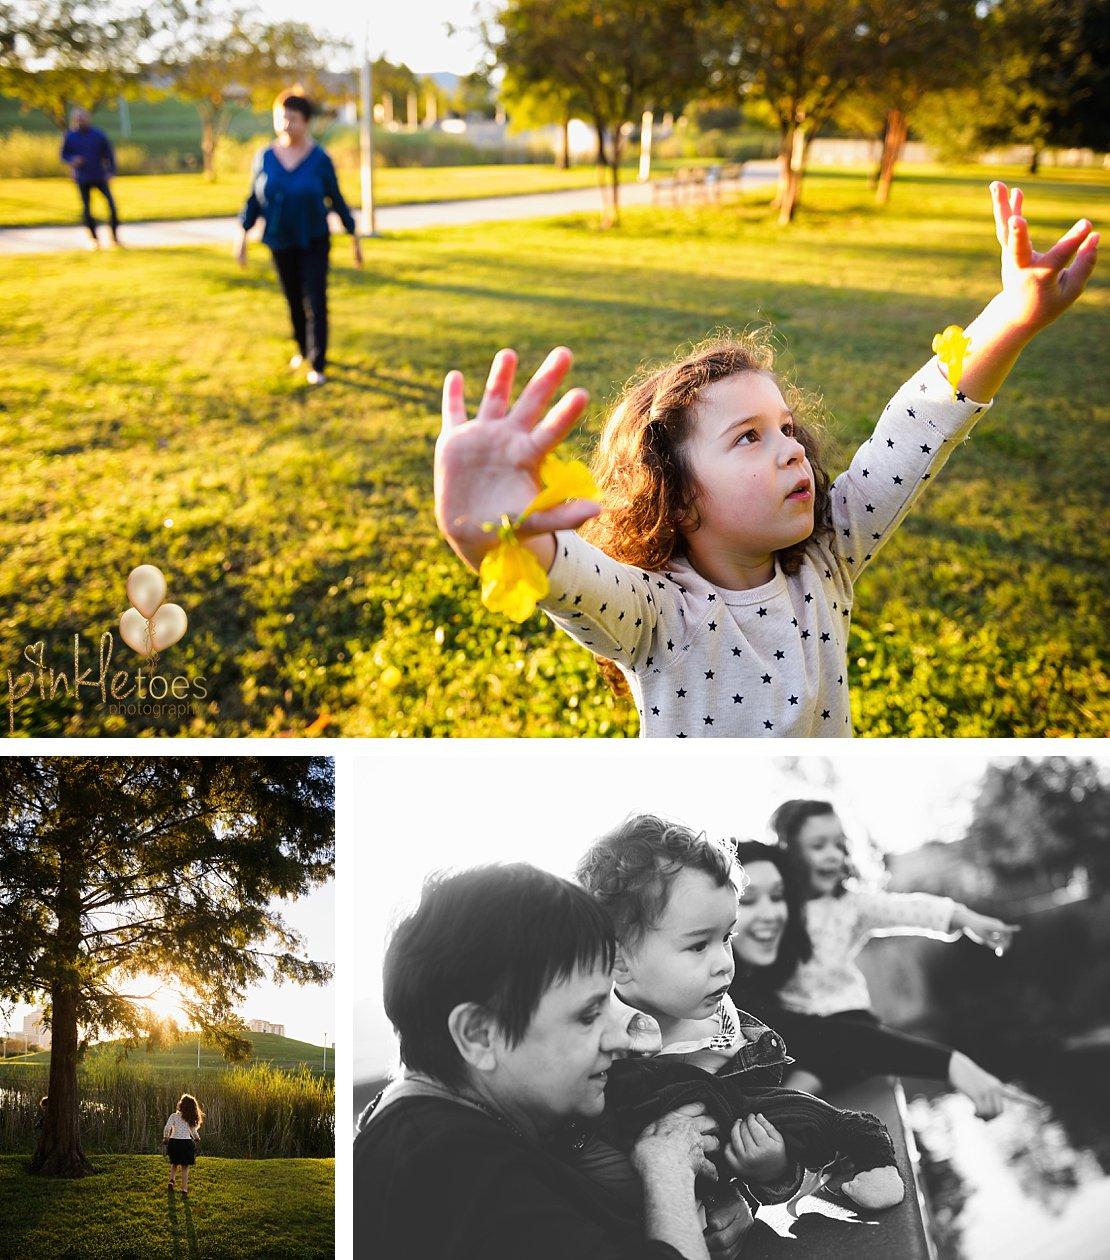 austin-family-lifestyle-city-urban-kids-photographer-005